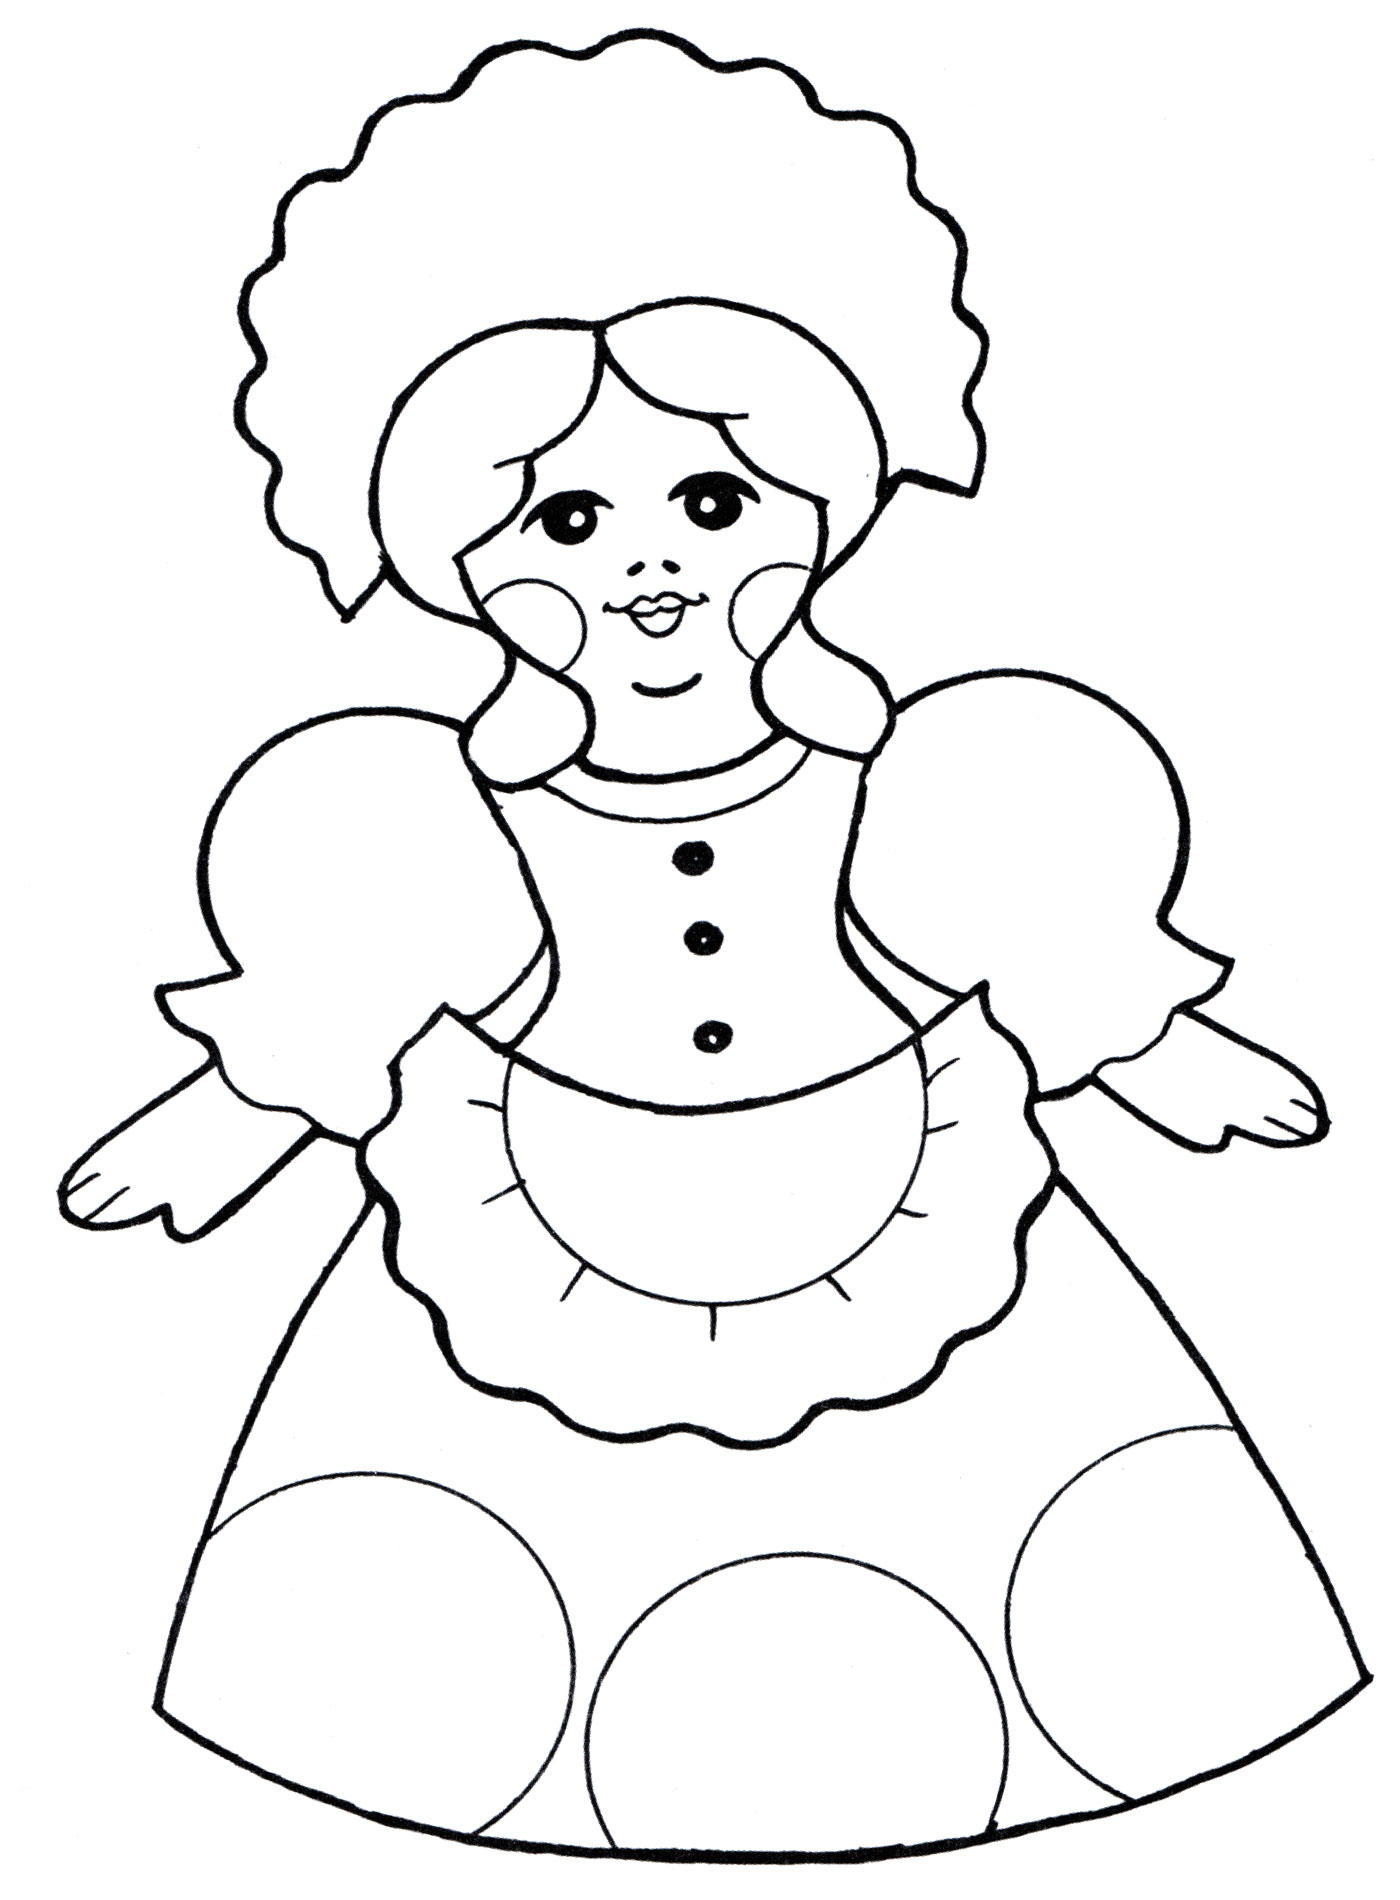 Раскраска Кукла в чепчике - распечатать бесплатно